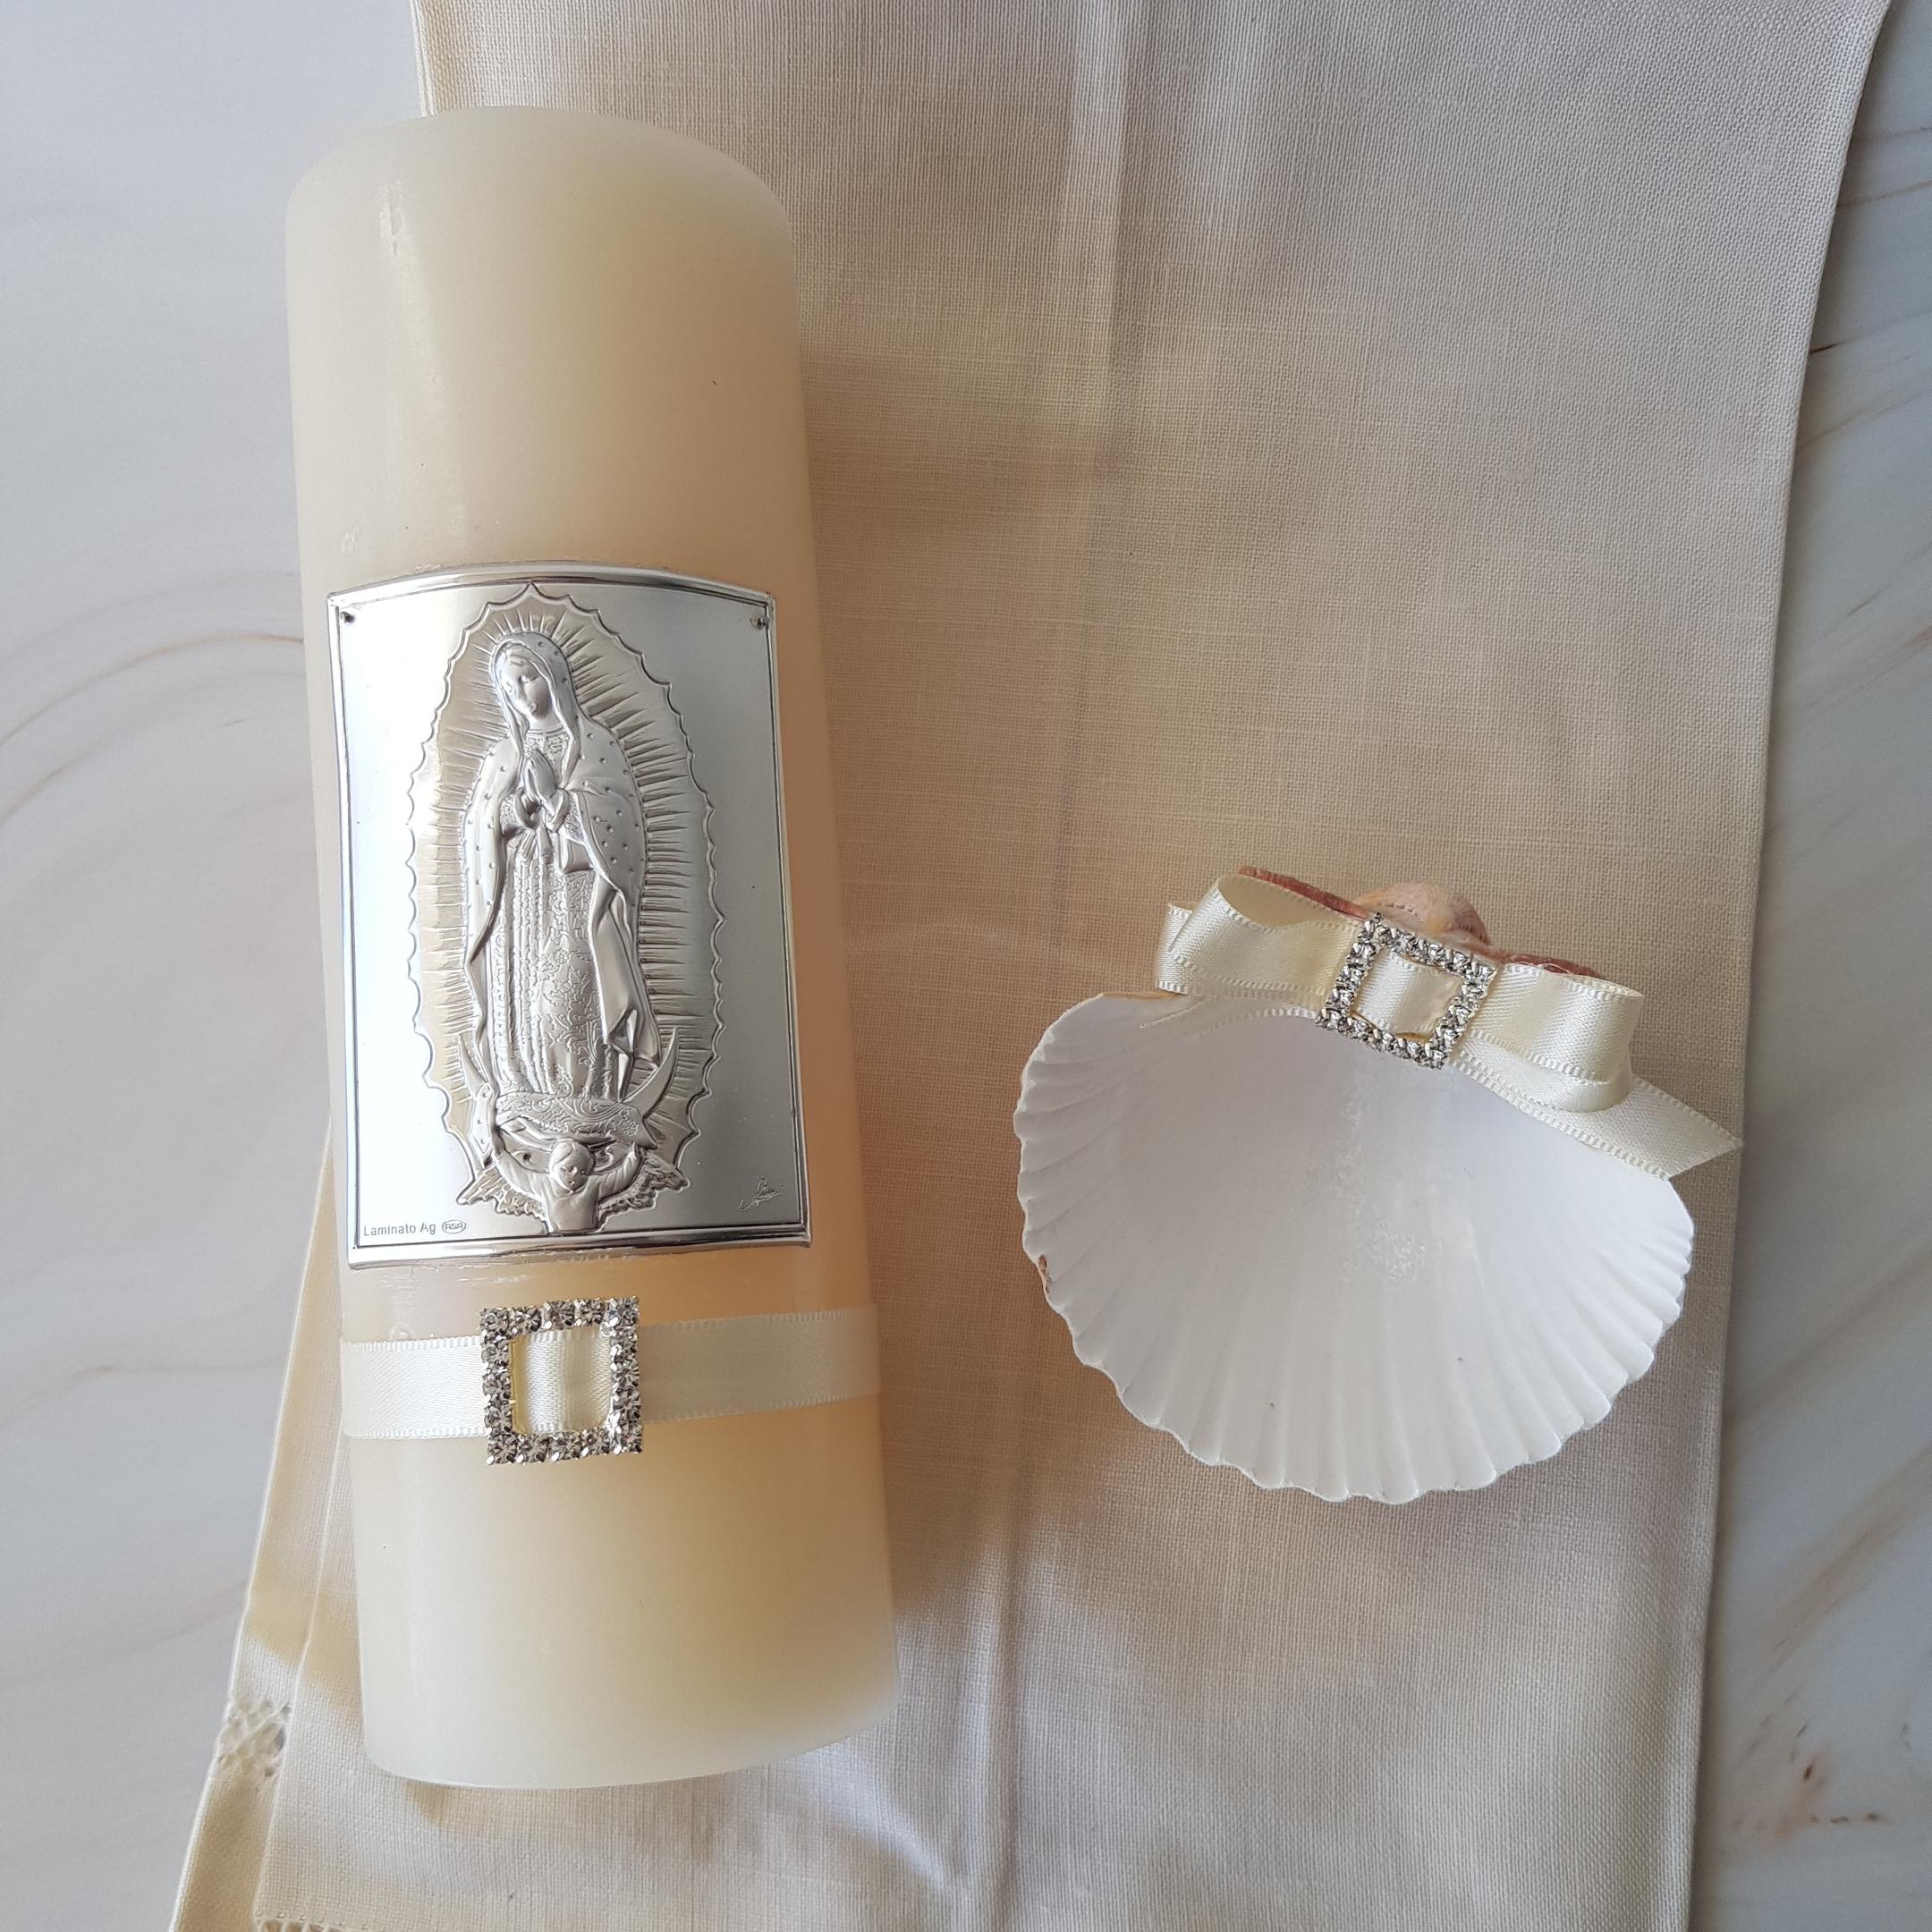 Kit de Bautizo Virgen de Guadalupe, en Plata Italiana, paño de lino